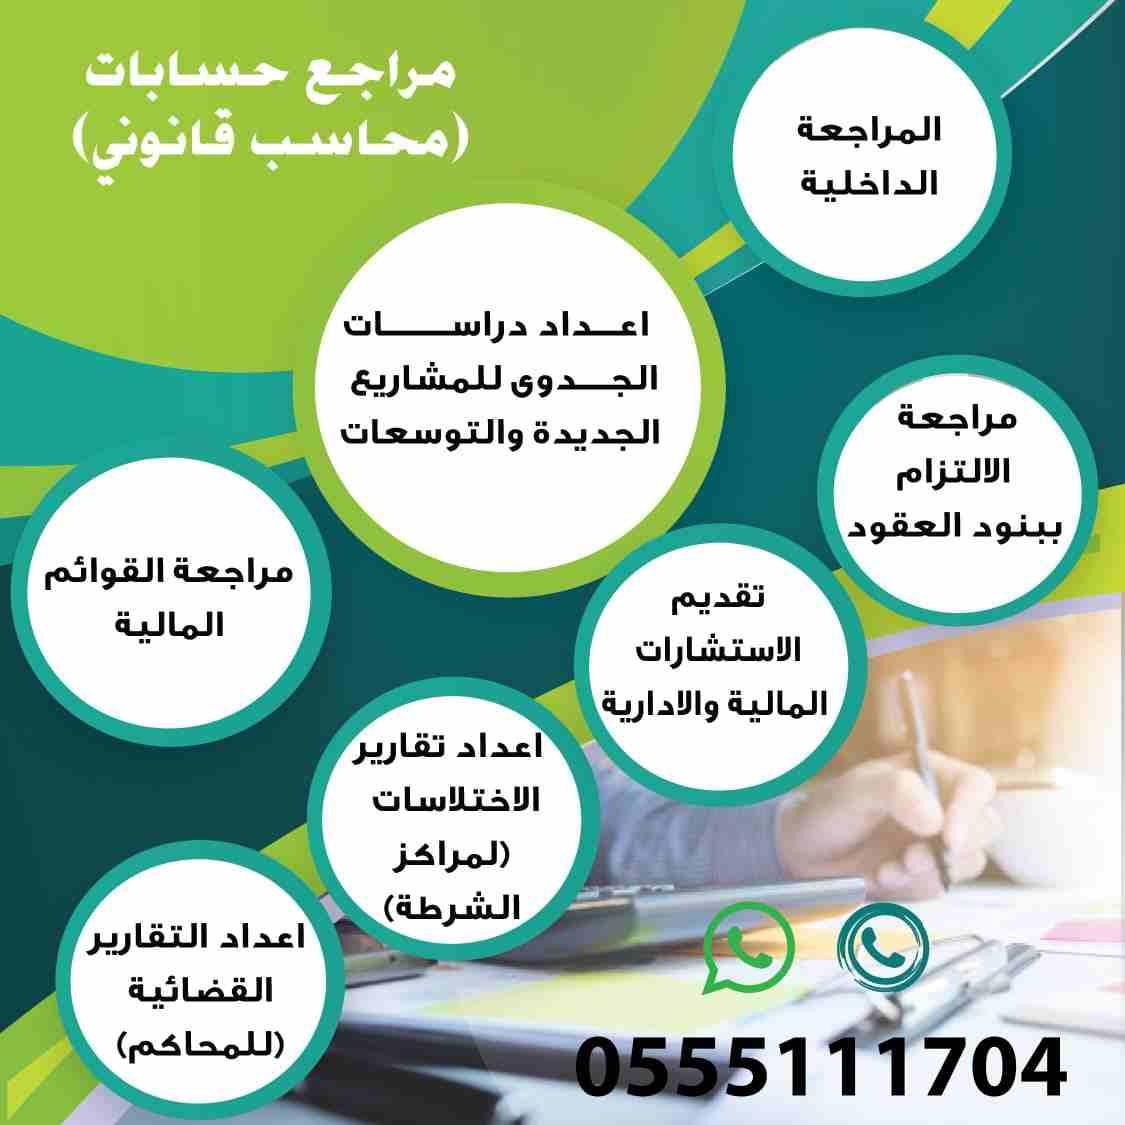 مكتب مرخص لتقديم خدمات المحاسبة والمراجعة في الرياض ، نجيد التعامل...